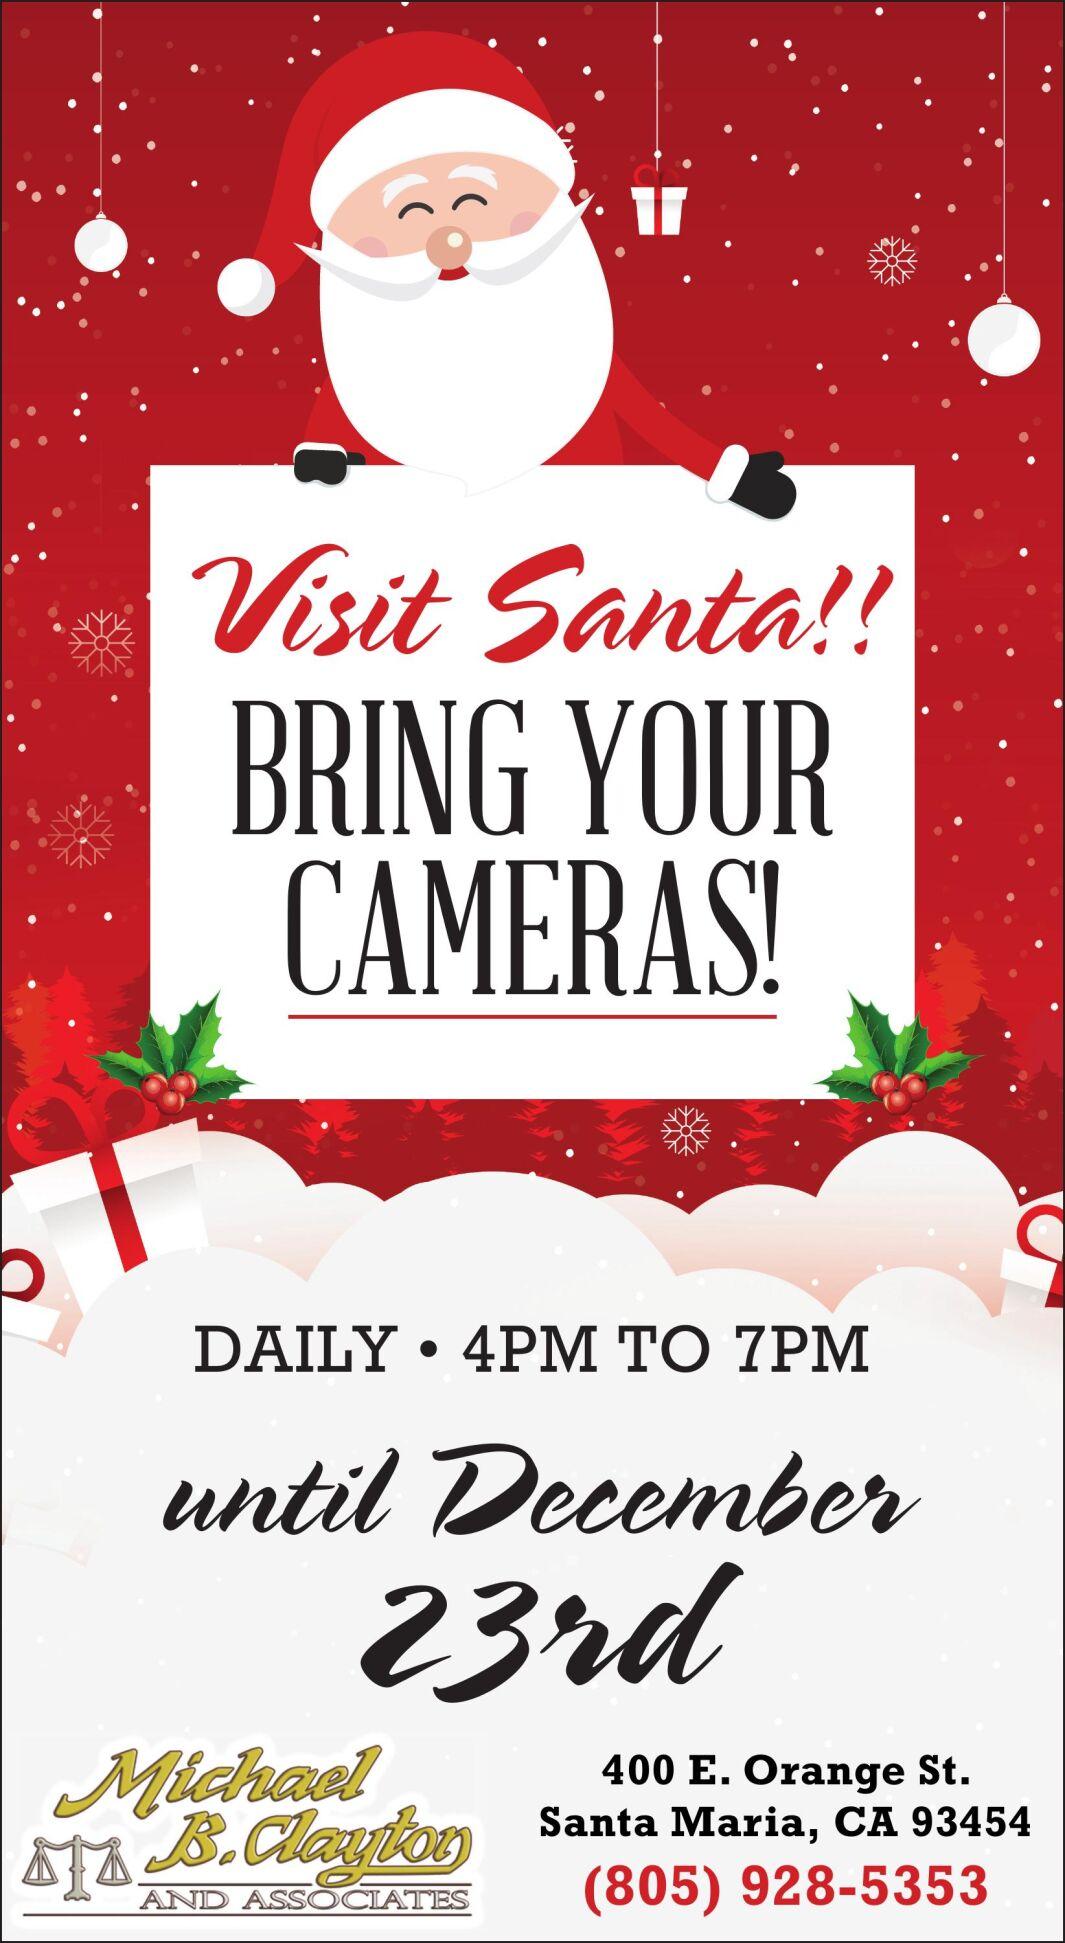 Visit Santa!!